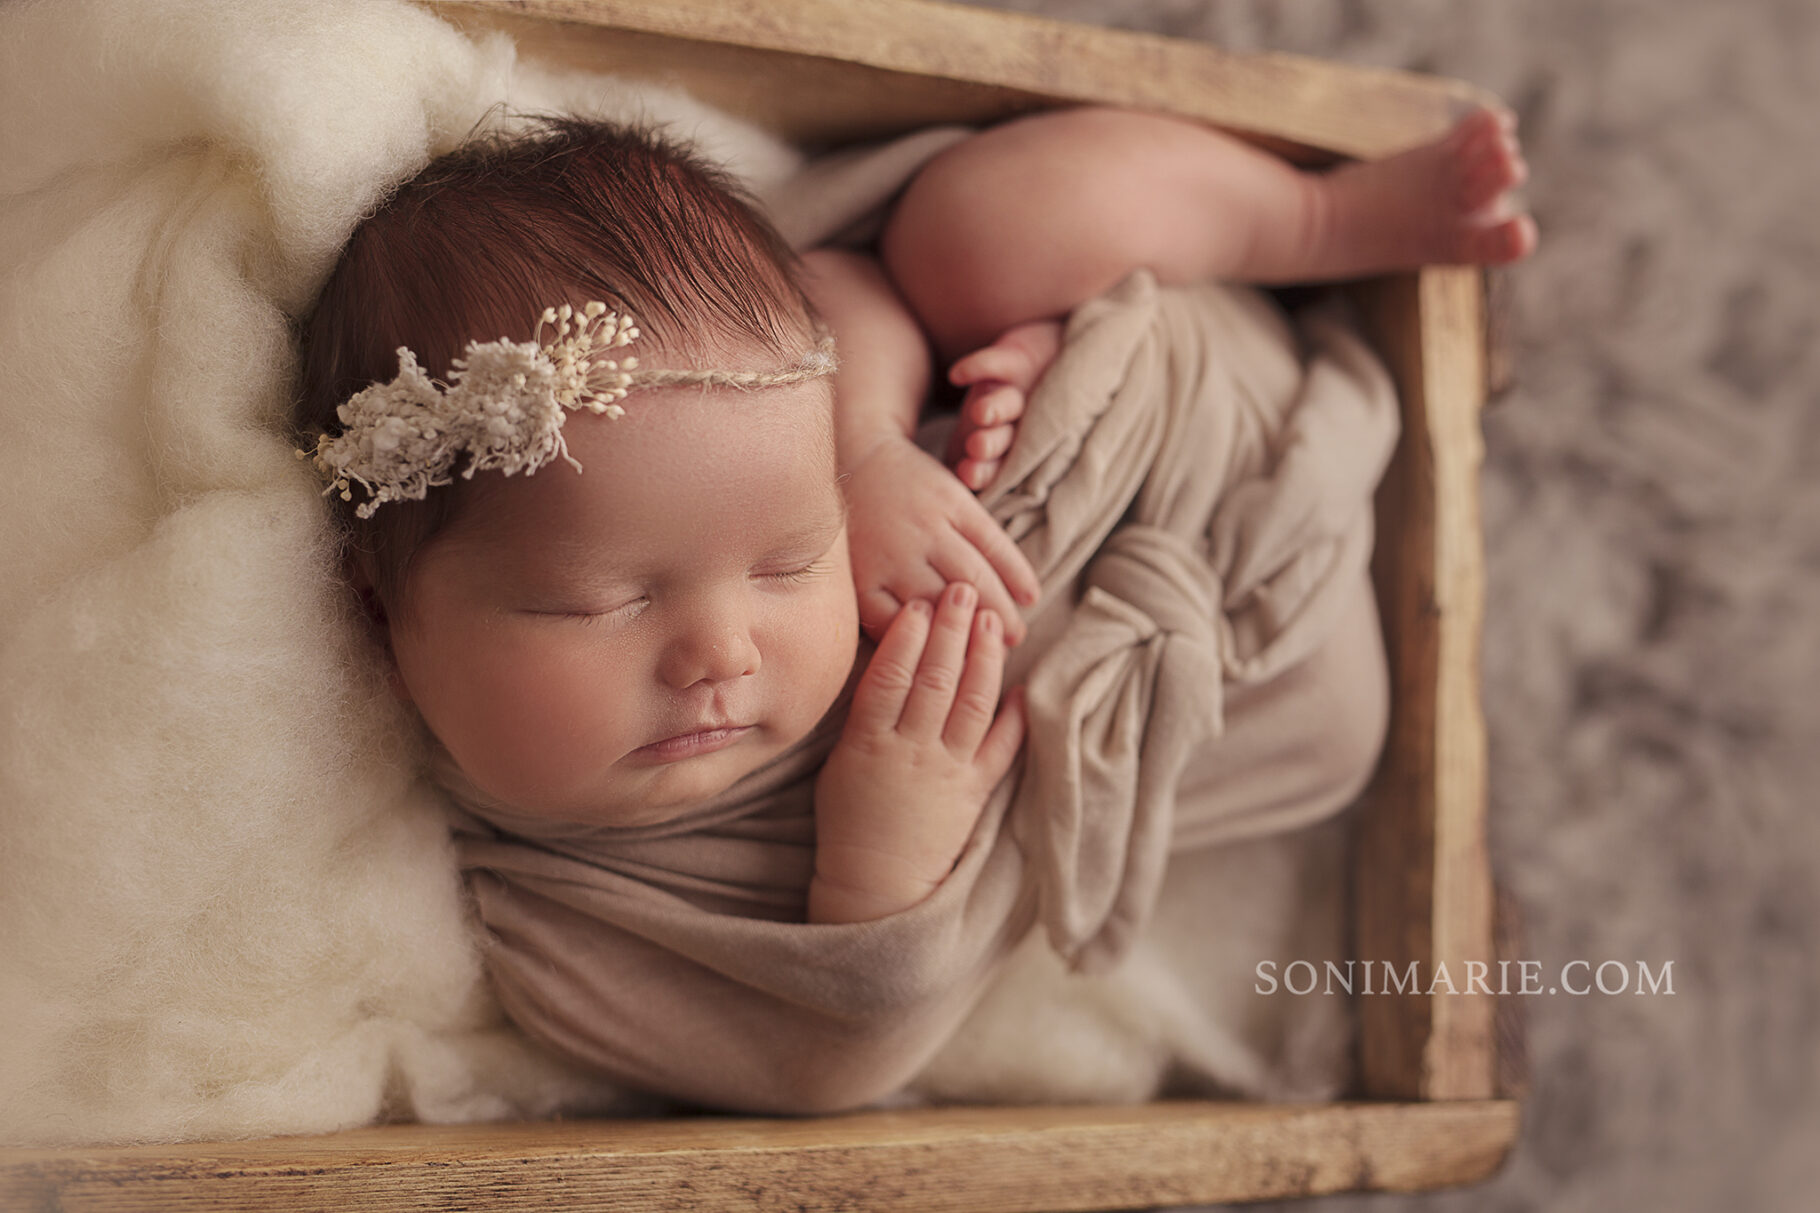 sesja dla noworodka wroclaw warszawa 920.jpg